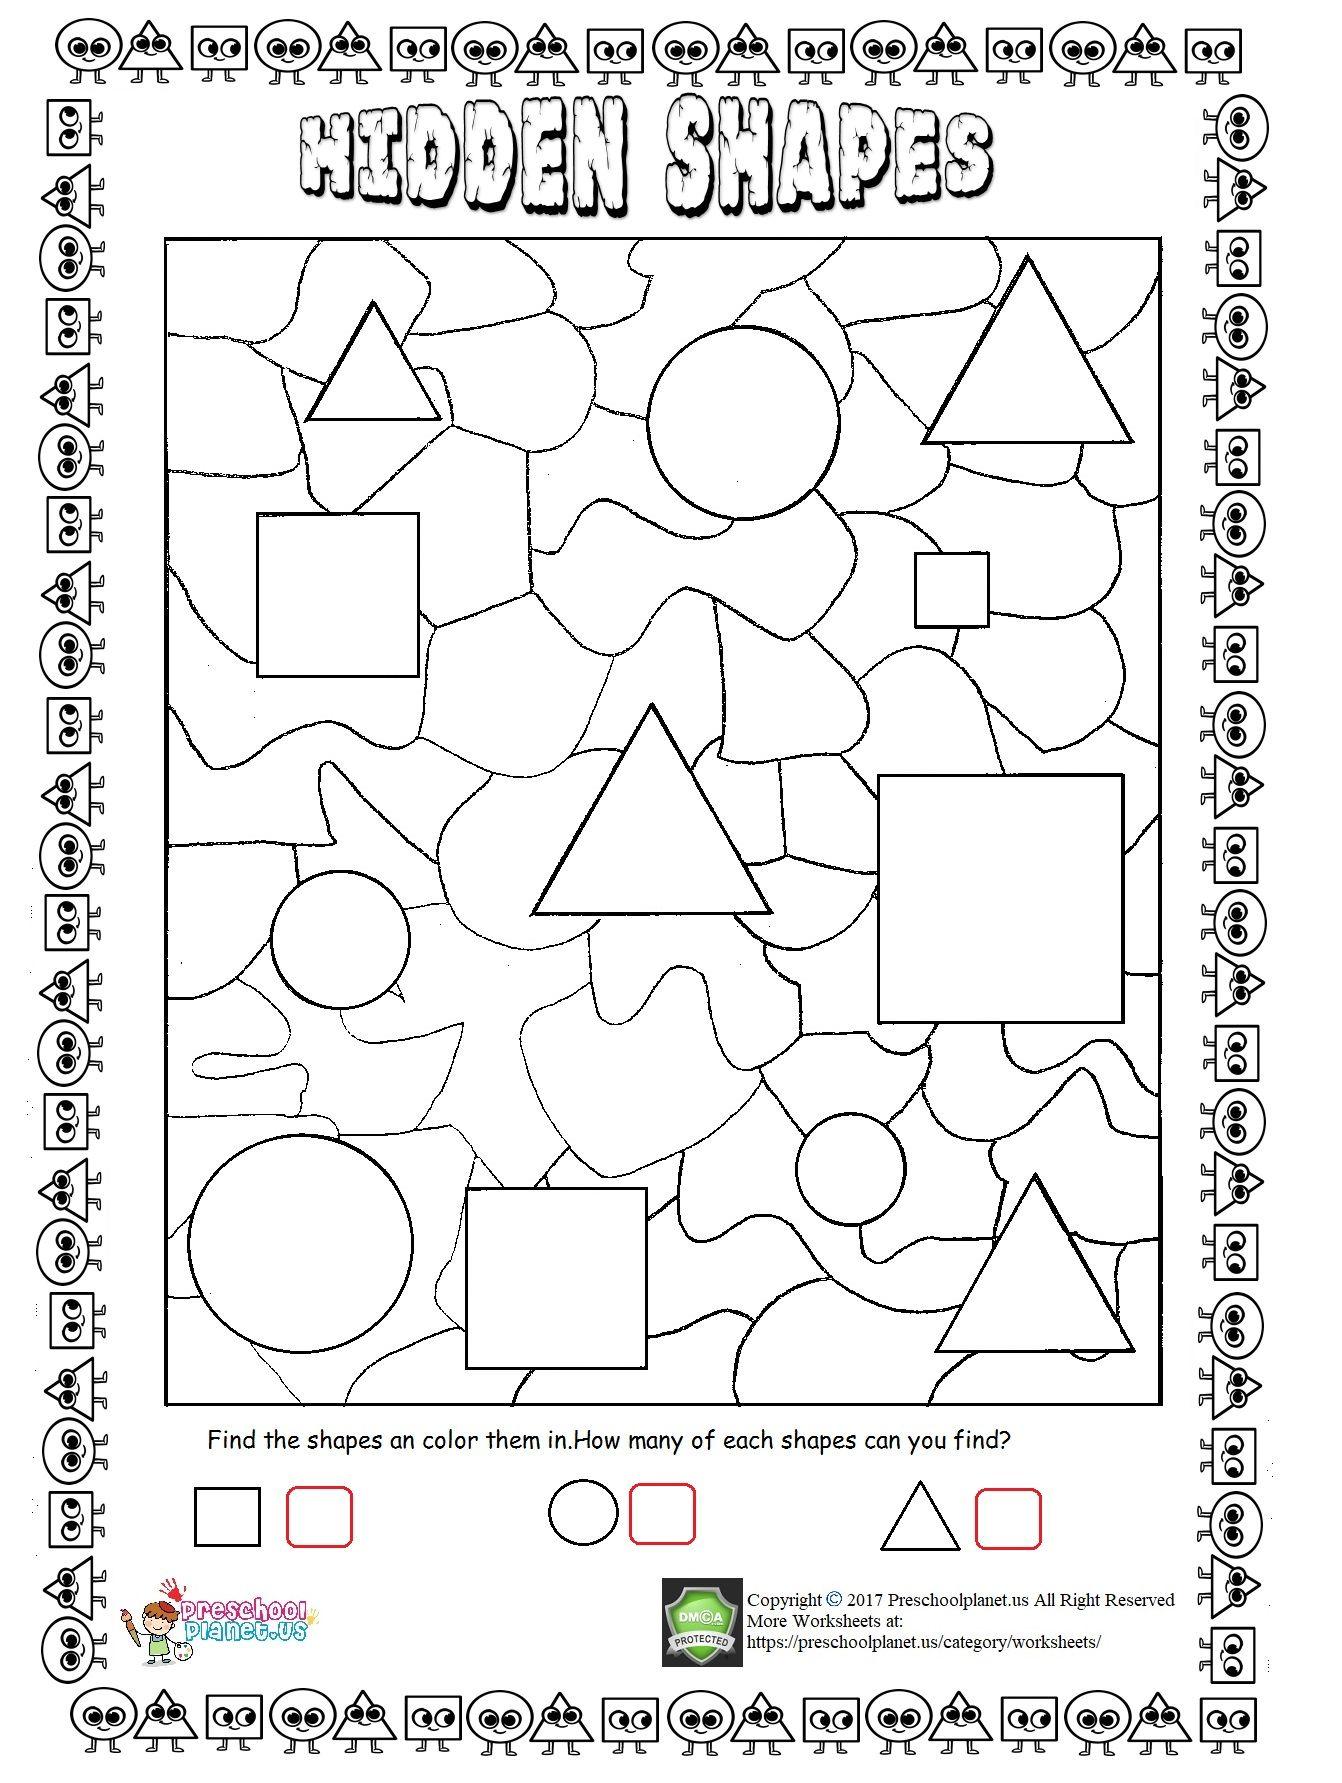 hidden shapes worksheet worksheet for kids shapes worksheets shapes worksheets. Black Bedroom Furniture Sets. Home Design Ideas